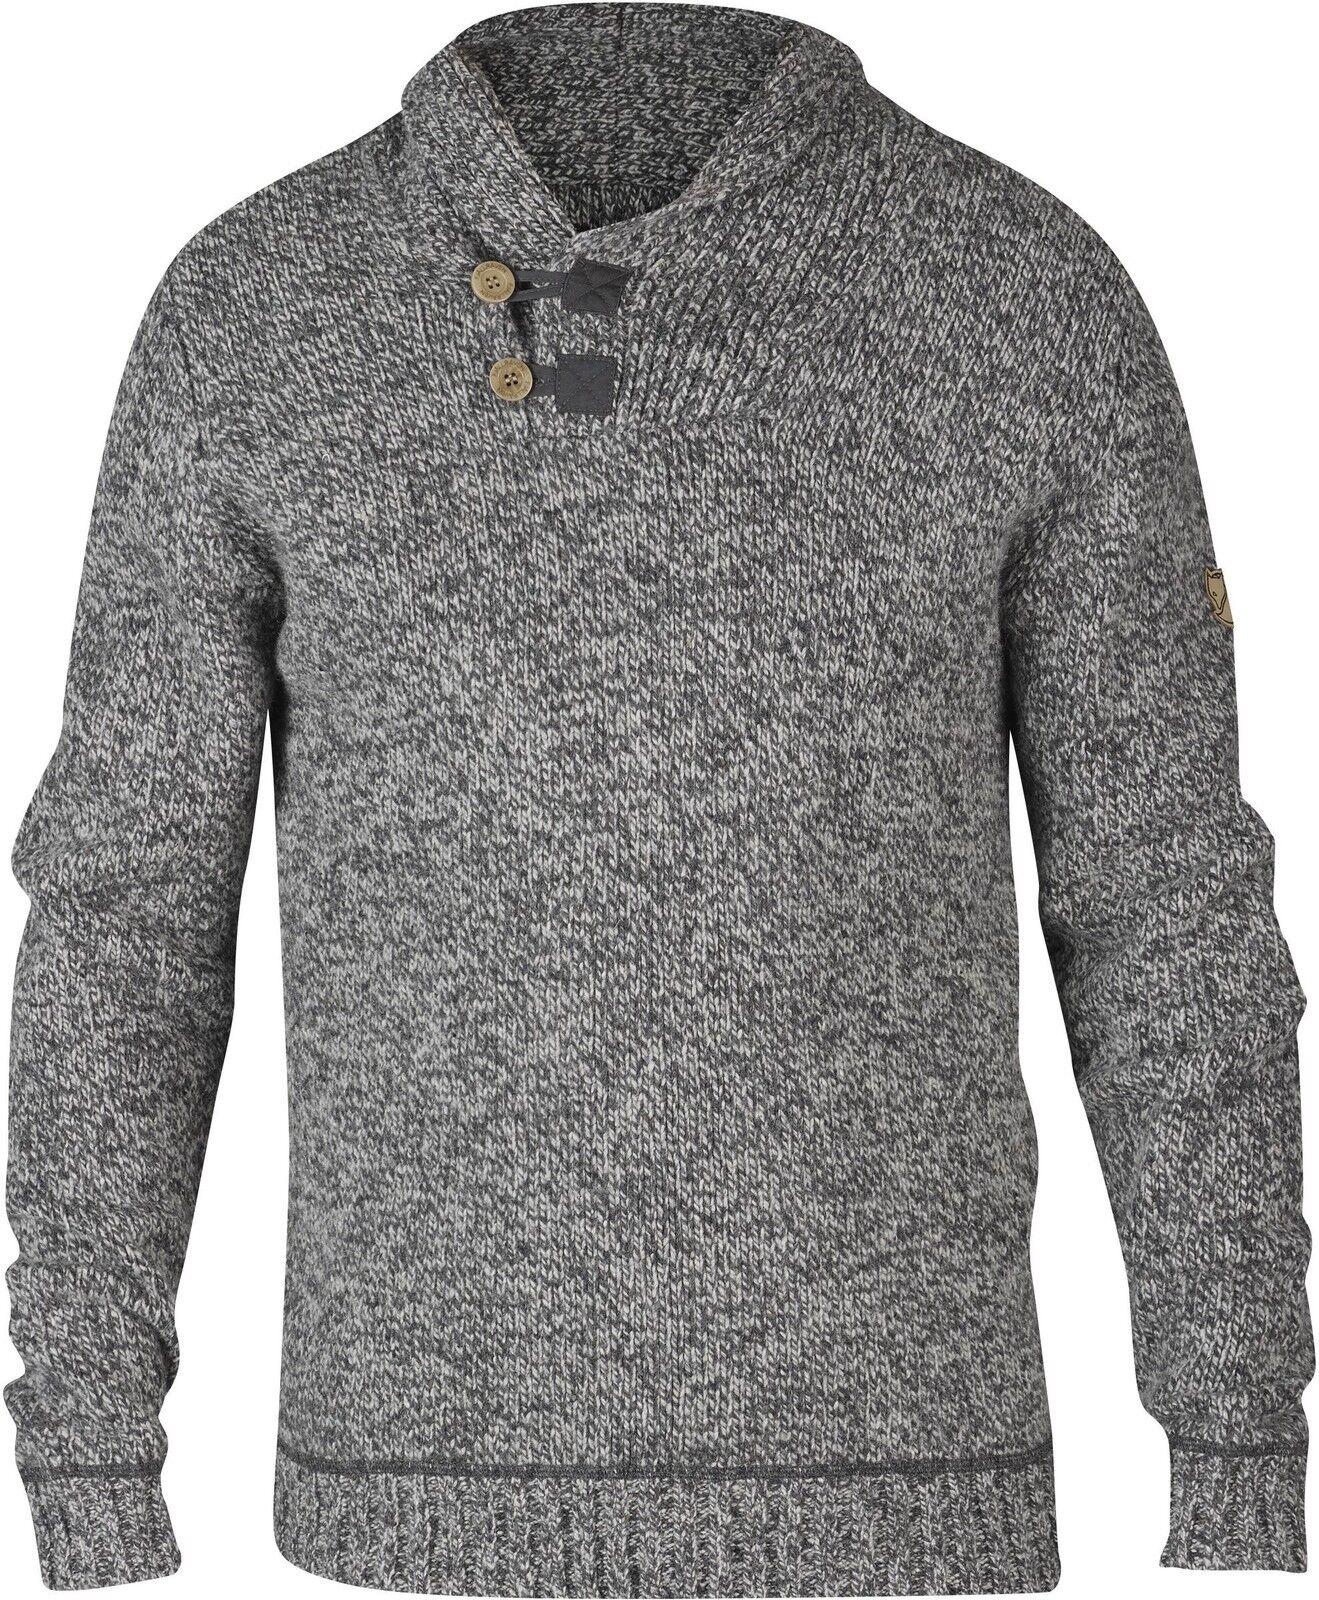 Fjäll Räven Lada Sweater Pullover Gr.M Grau 81346